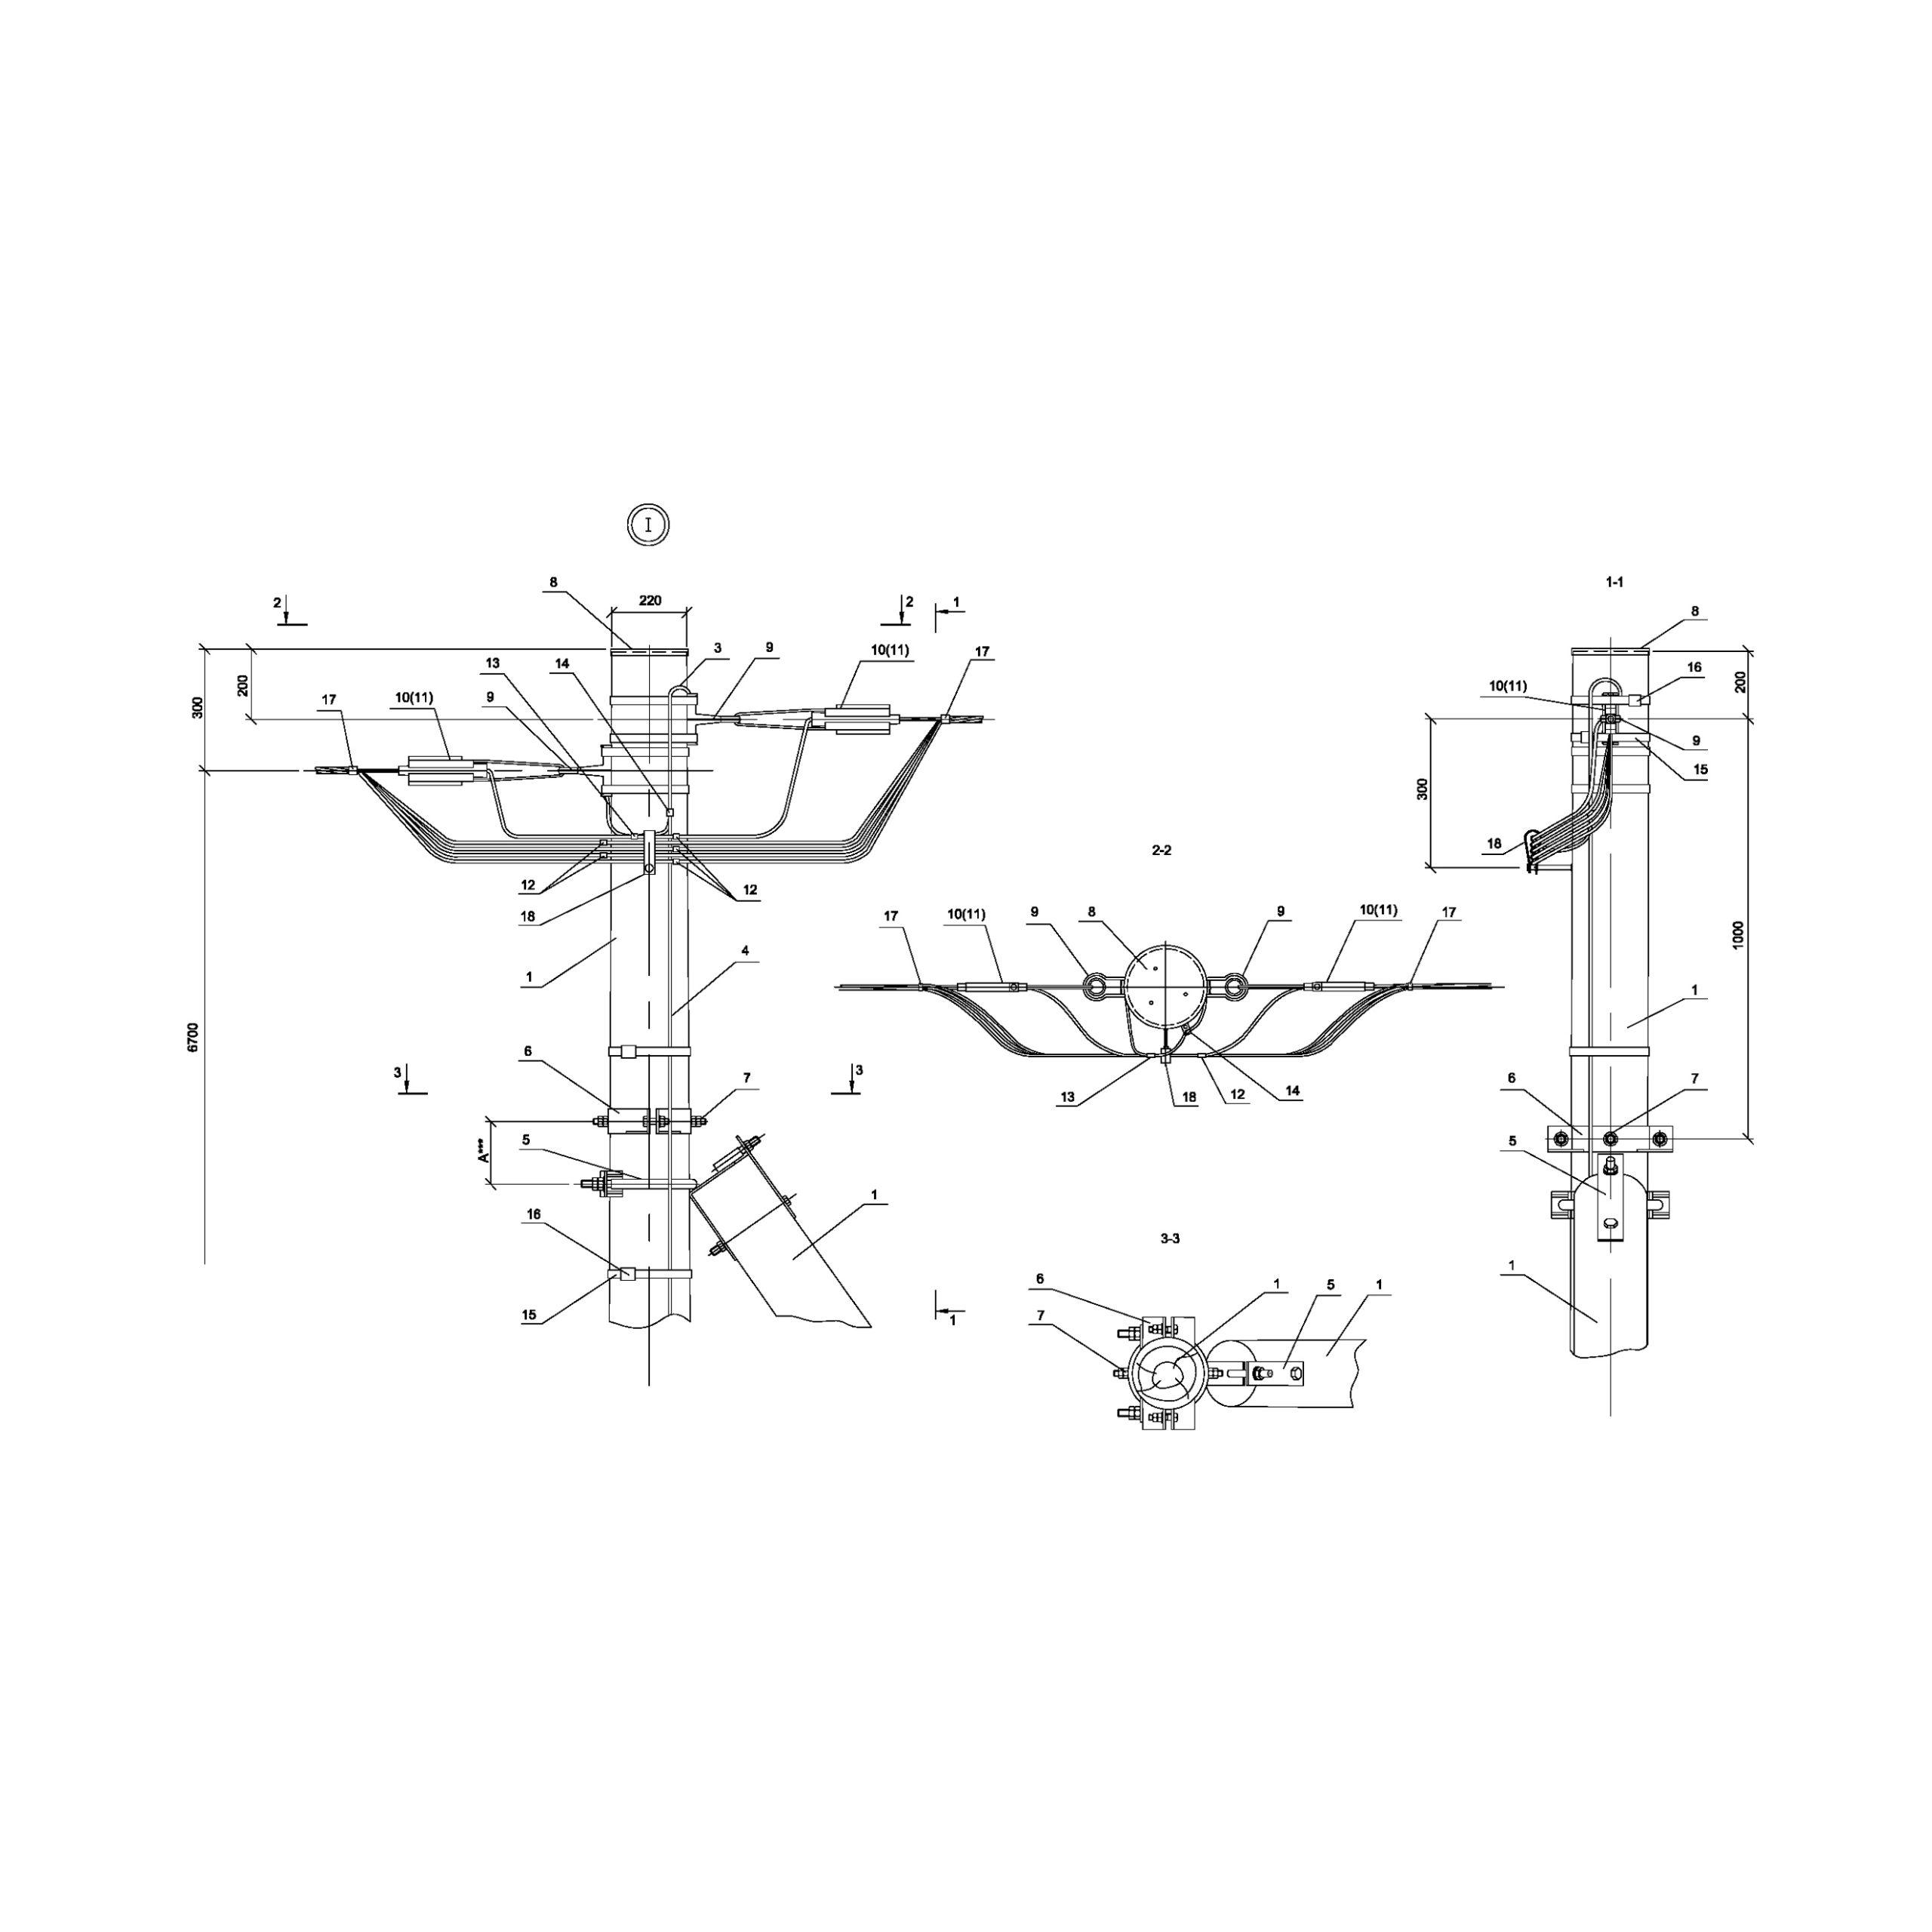 Опора Ад151 деревянная анкерная концевая одноцепная IEK